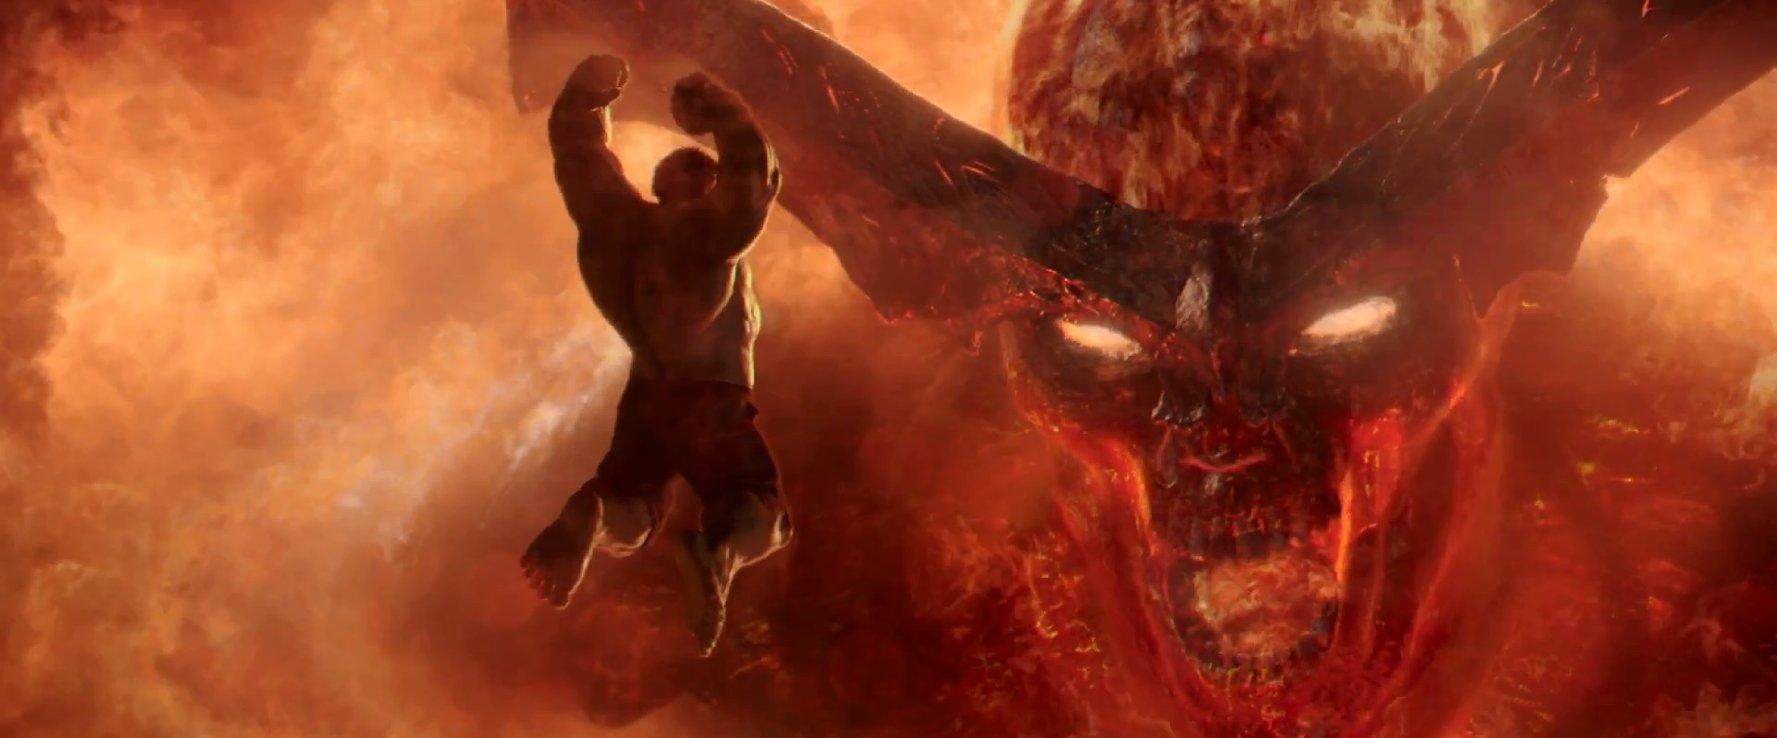 Thor: Ragnarok - Hài hước, hấp dẫn từng phút từng giây - Ảnh 1.